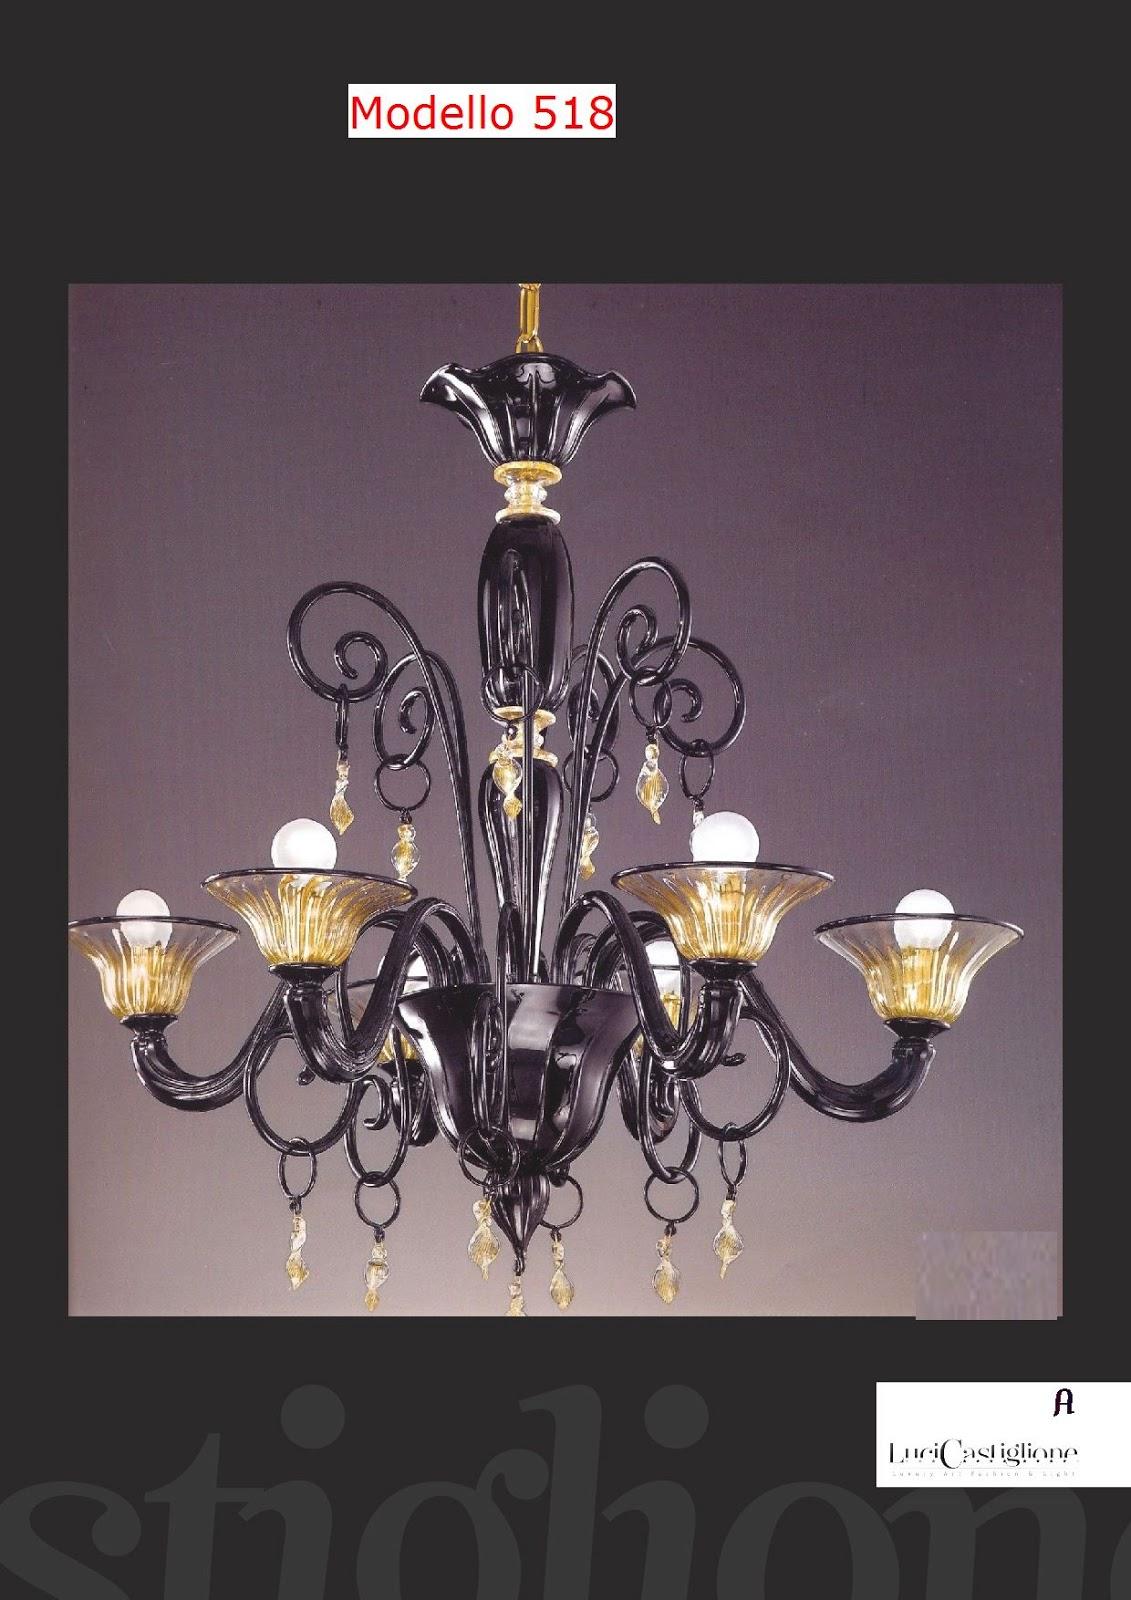 ... fabbrica lampadari: 518 Lampadario in vetro soffiato di Murano